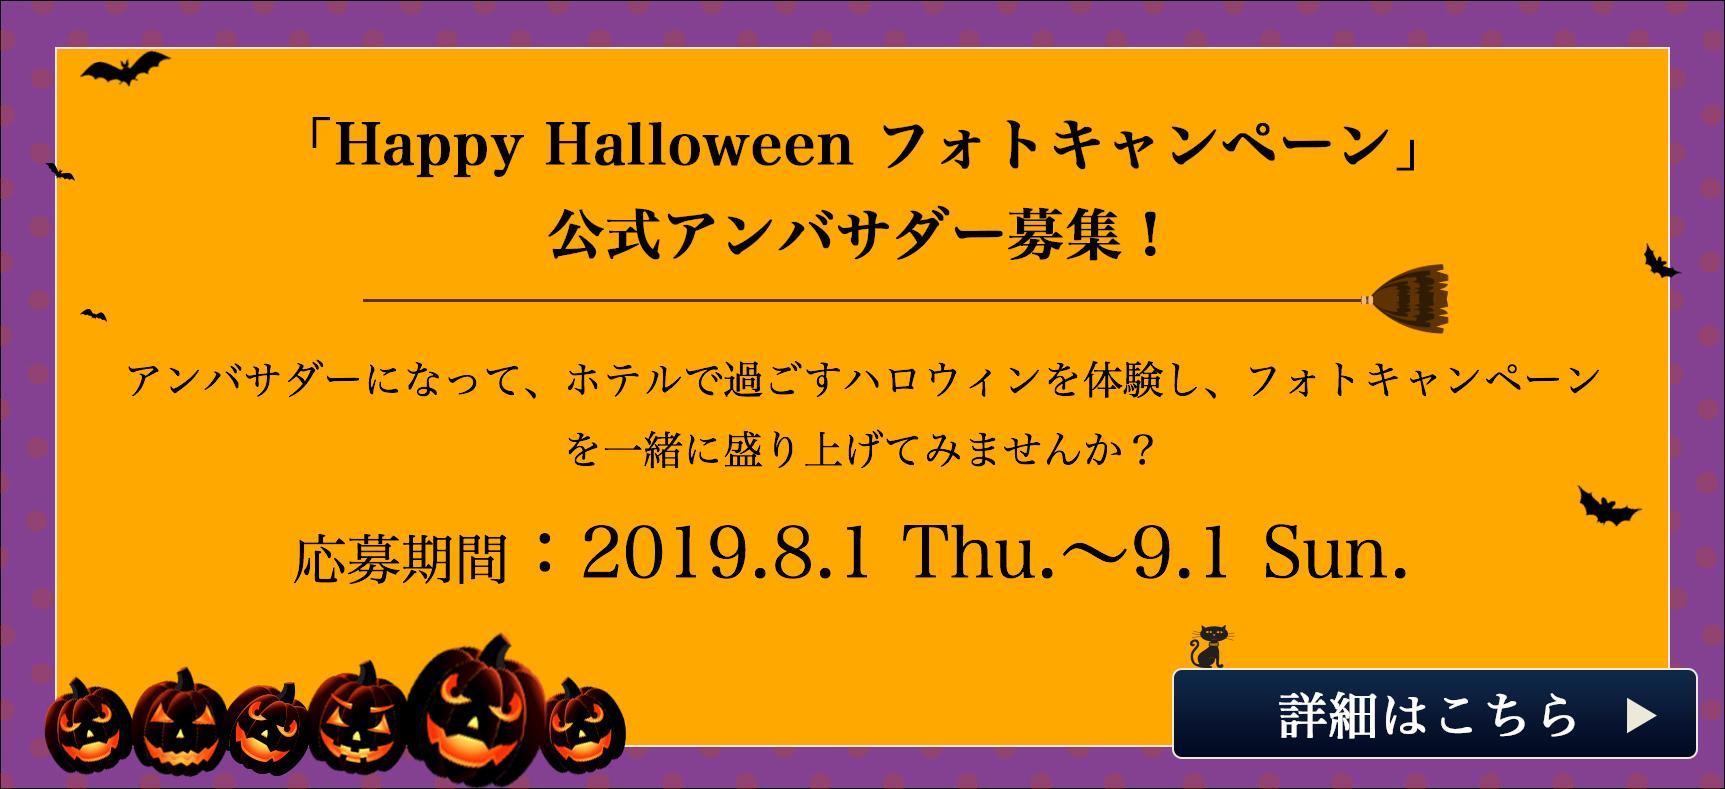 「Happy Halloween フォトキャンペーン」 公式アンバサダー募集!